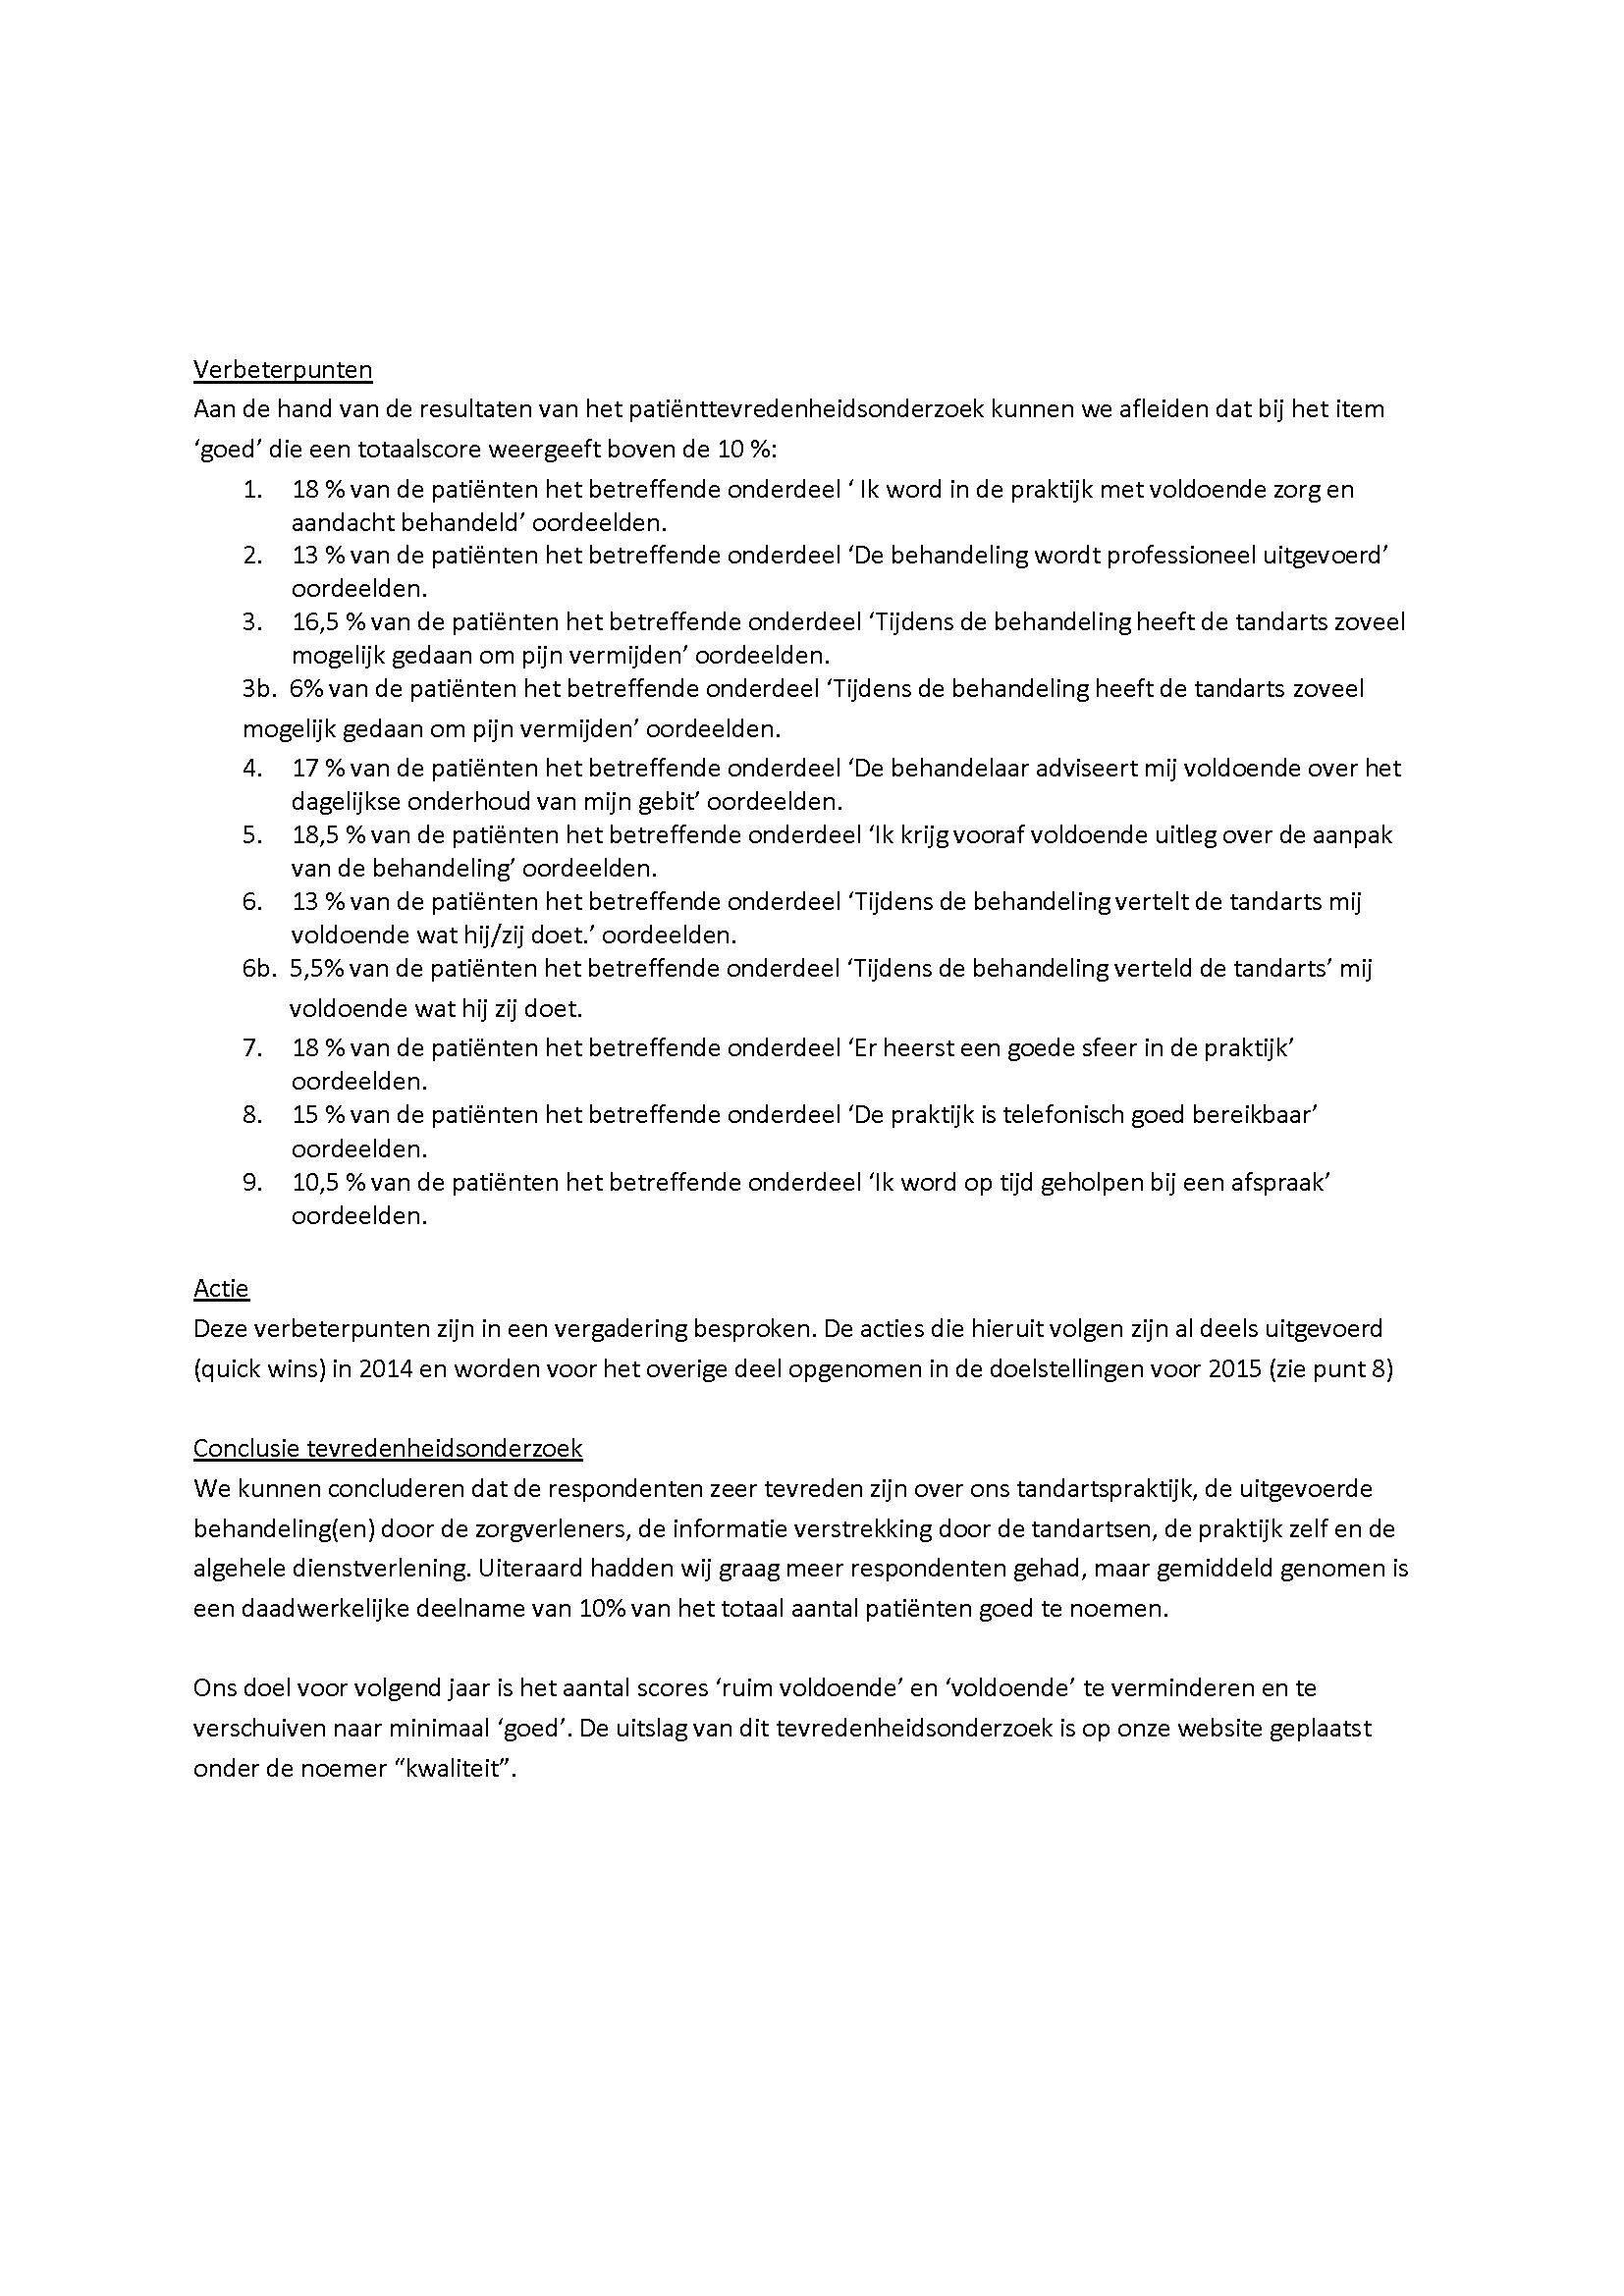 Patienttevredenheidsonderzoek-page-5